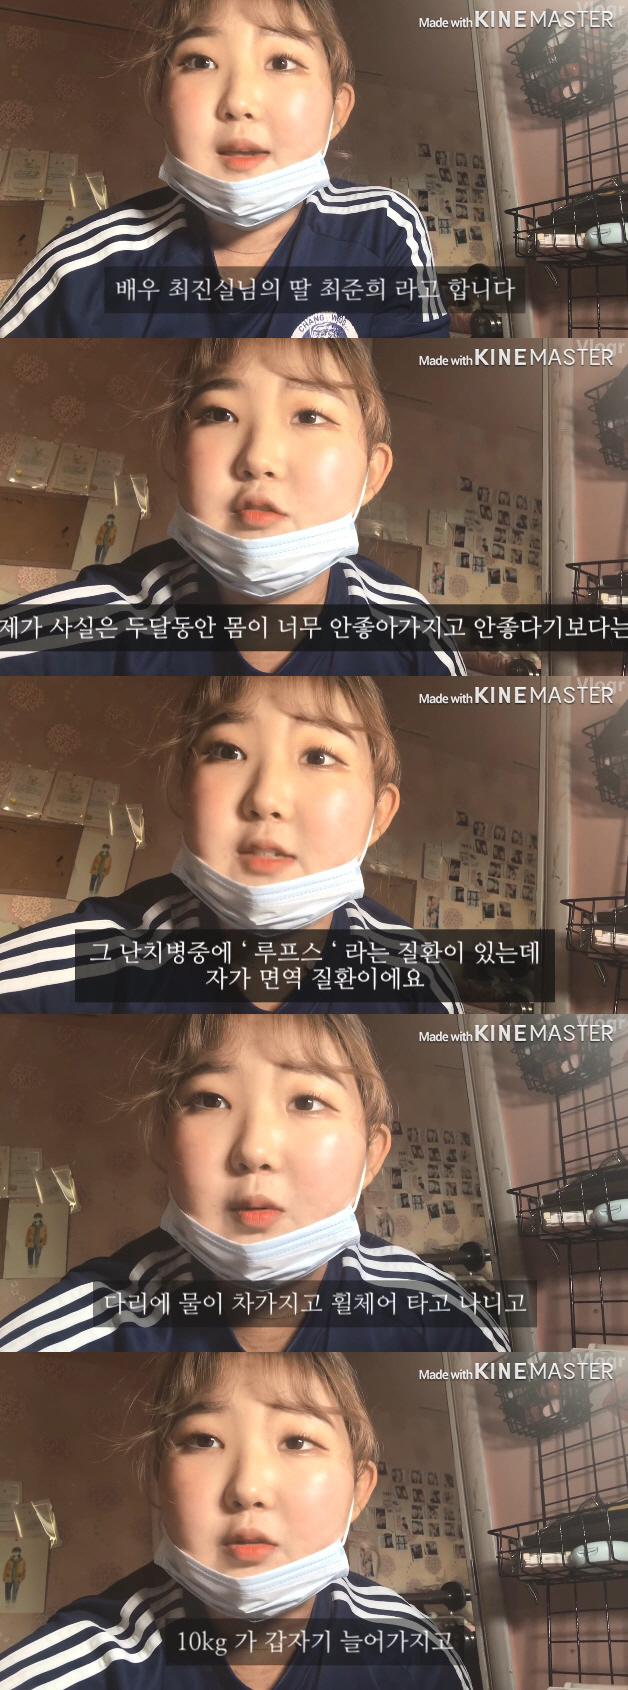 """[종합]""""용기있는 모습 고맙다"""" 최진실 딸 최준희 '루푸스 고백'에 ..."""